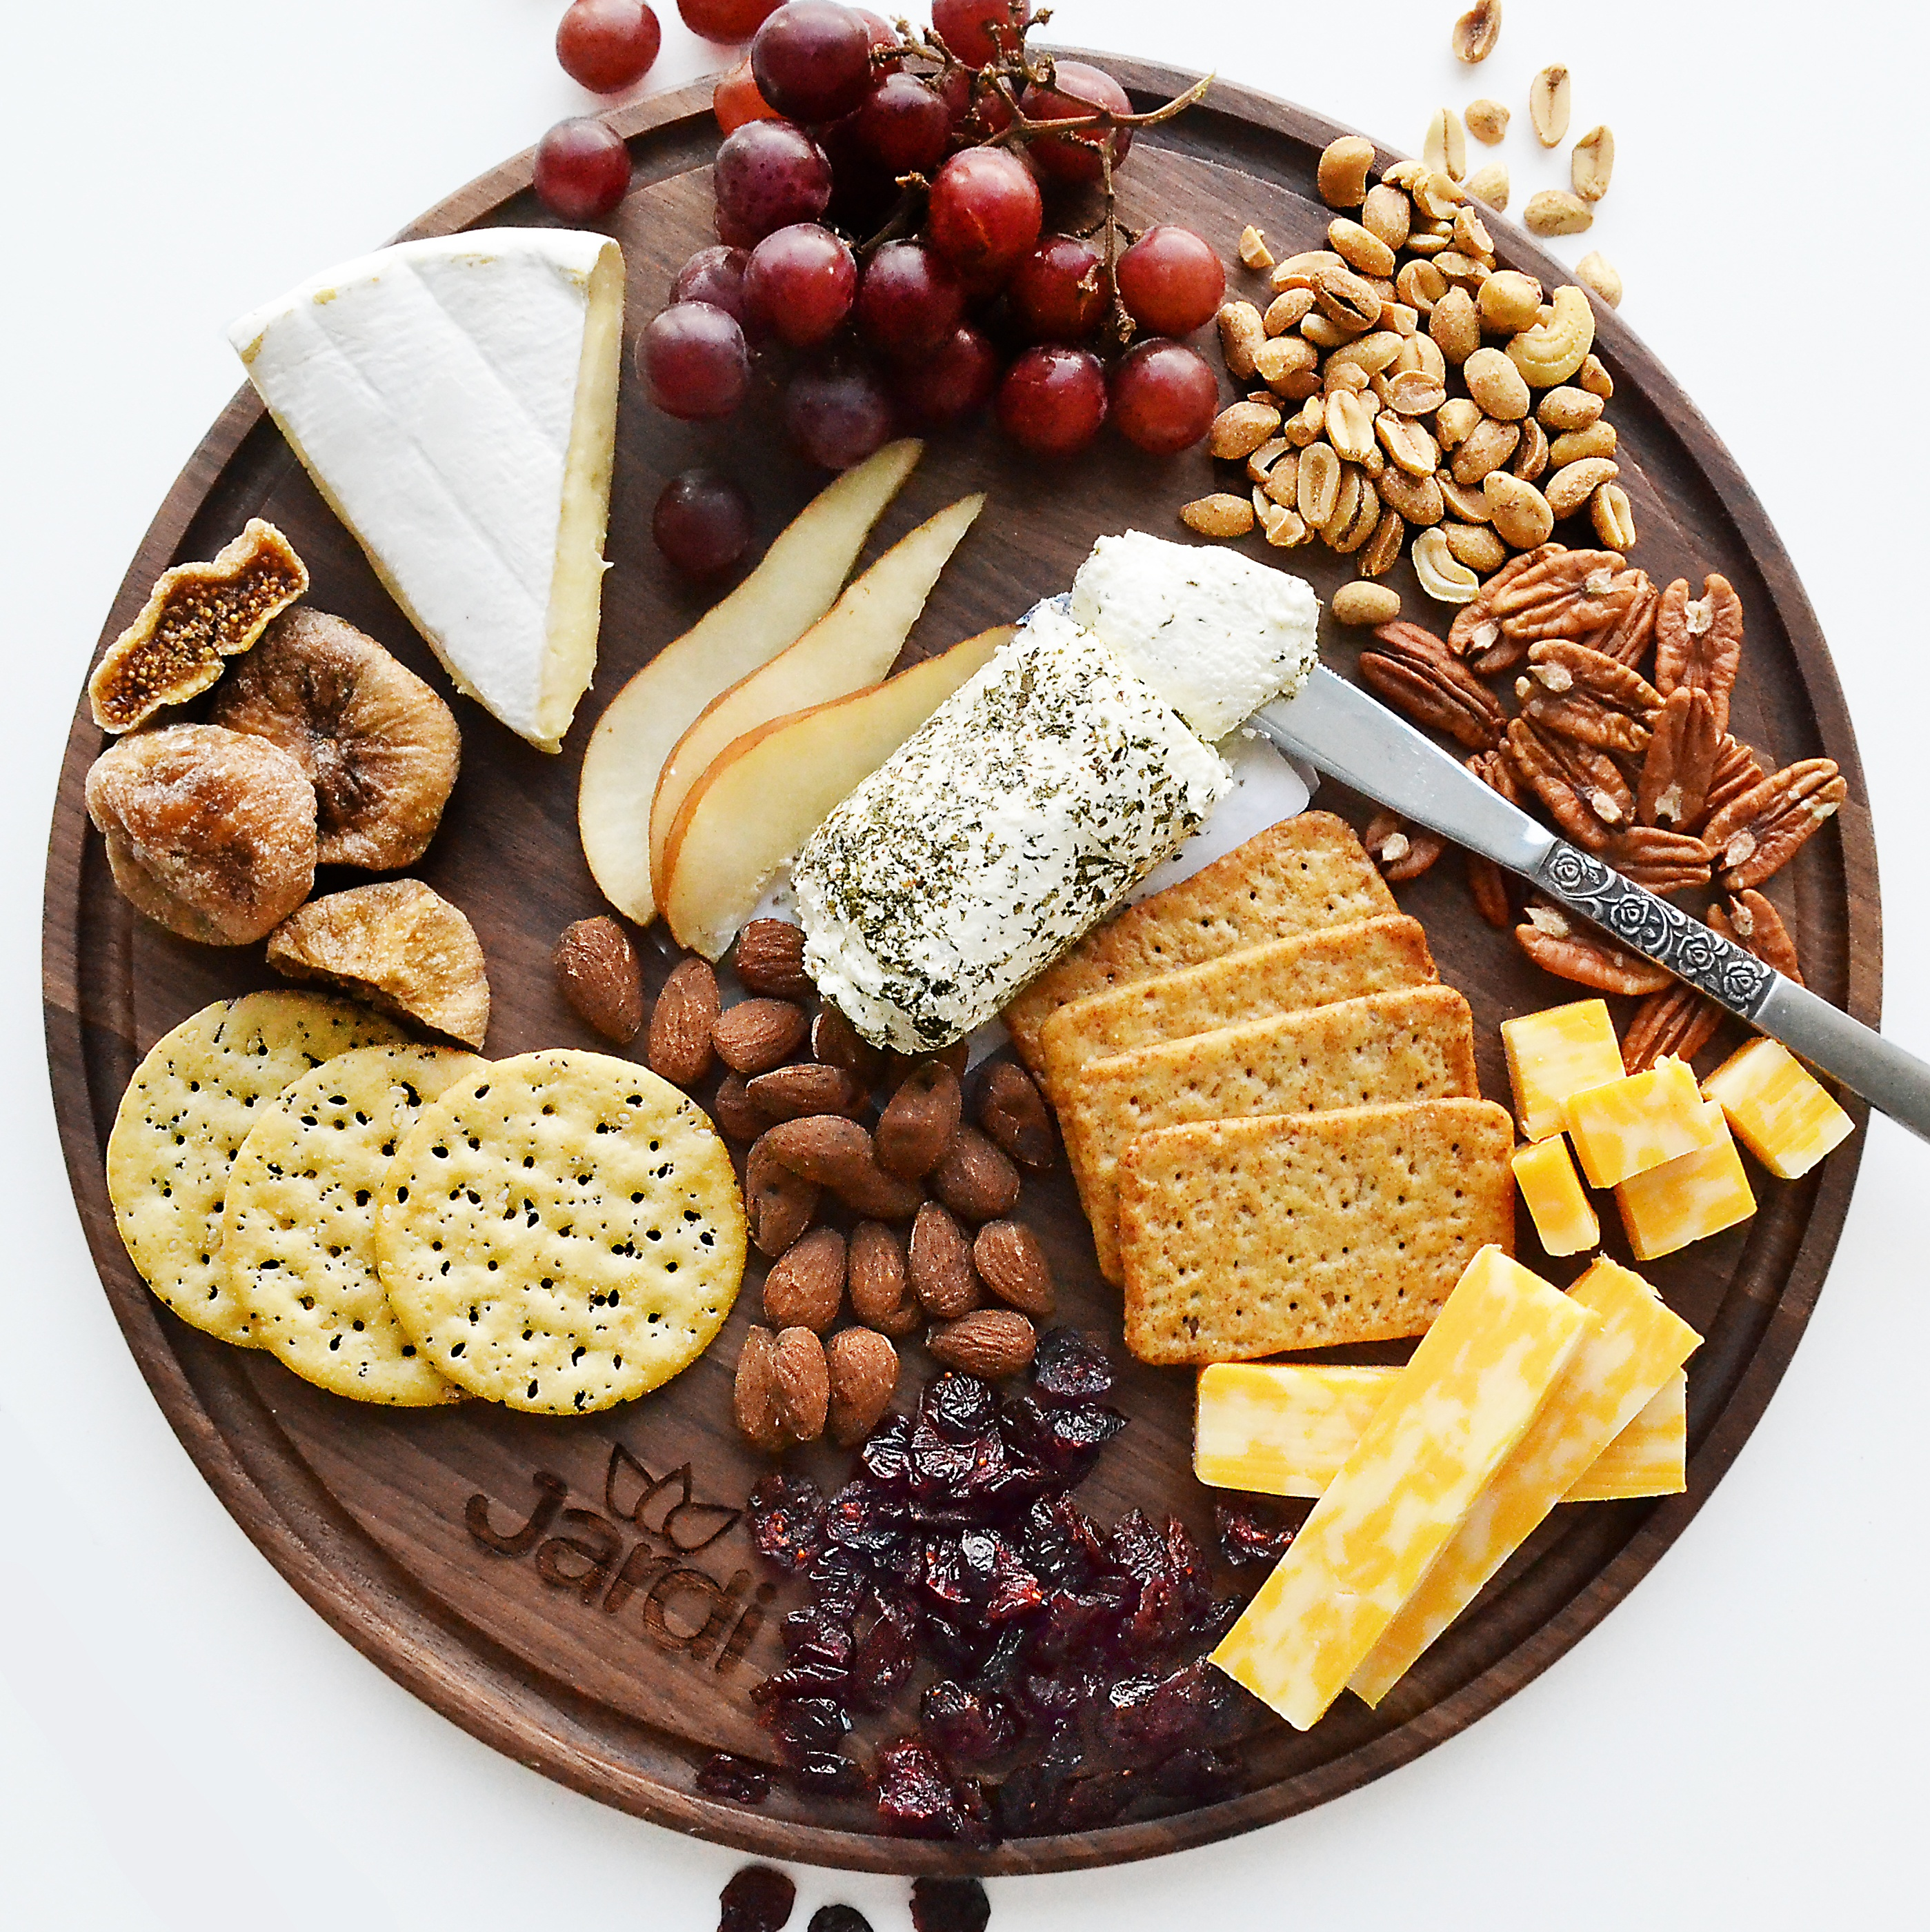 Comment réussir son plateau de fromage